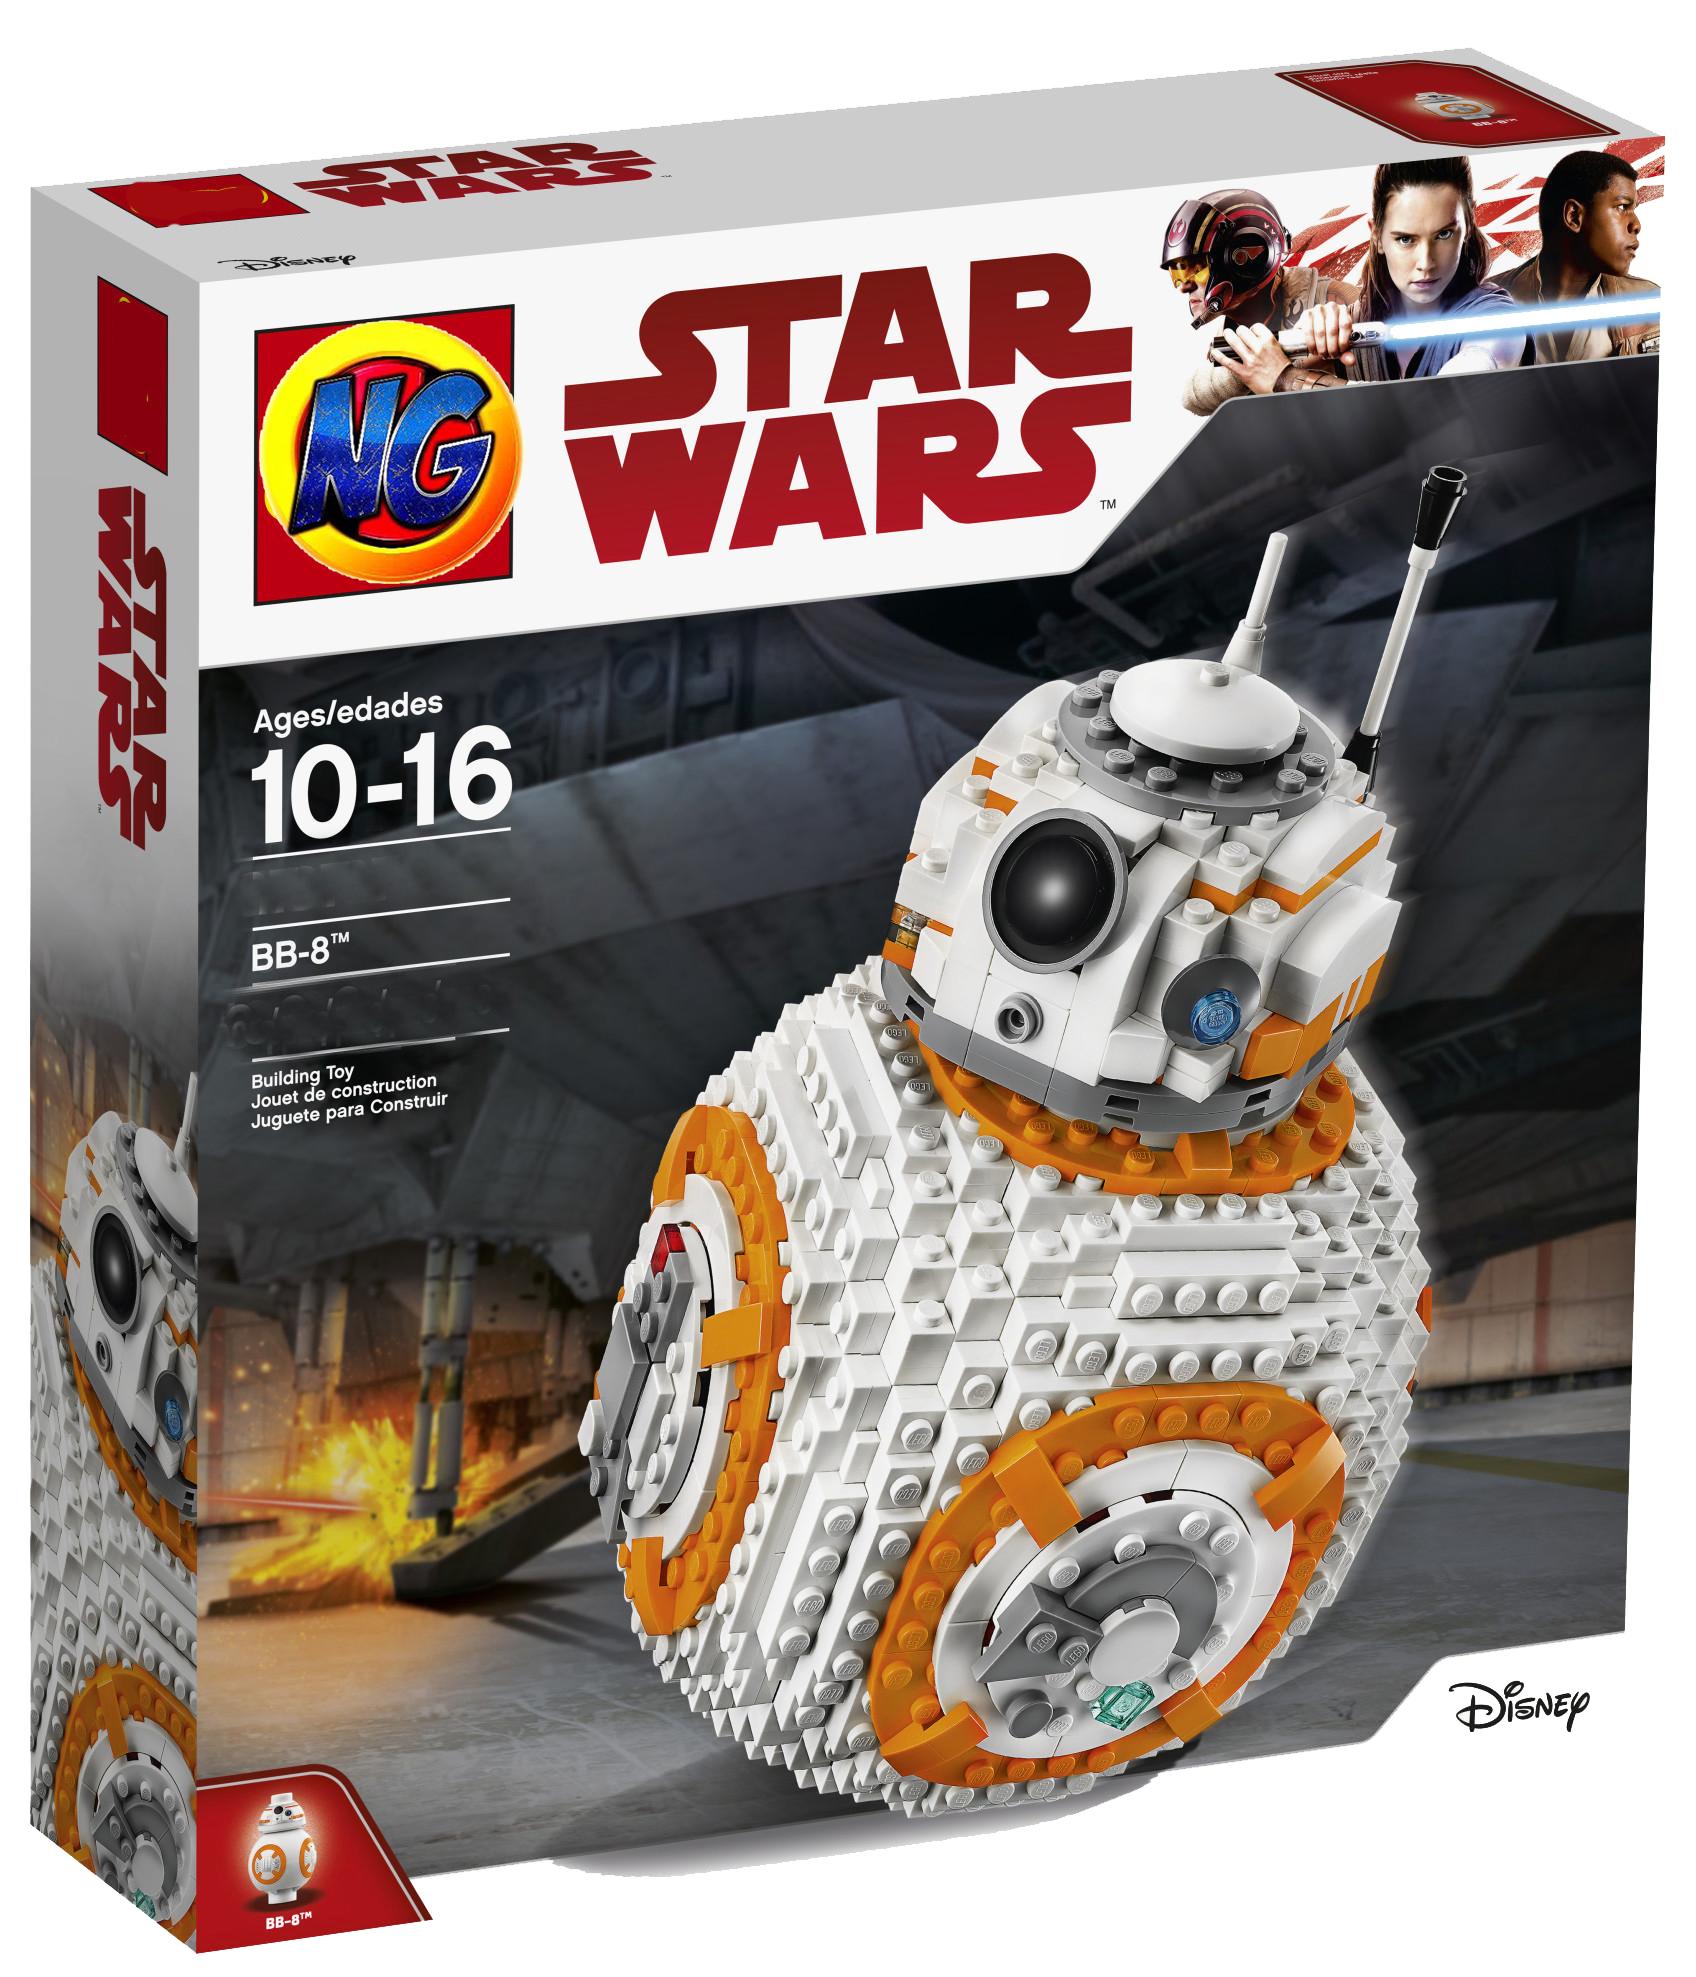 เลโก้จีน LEPIN 05128 Star wars ชุด BB-8 **